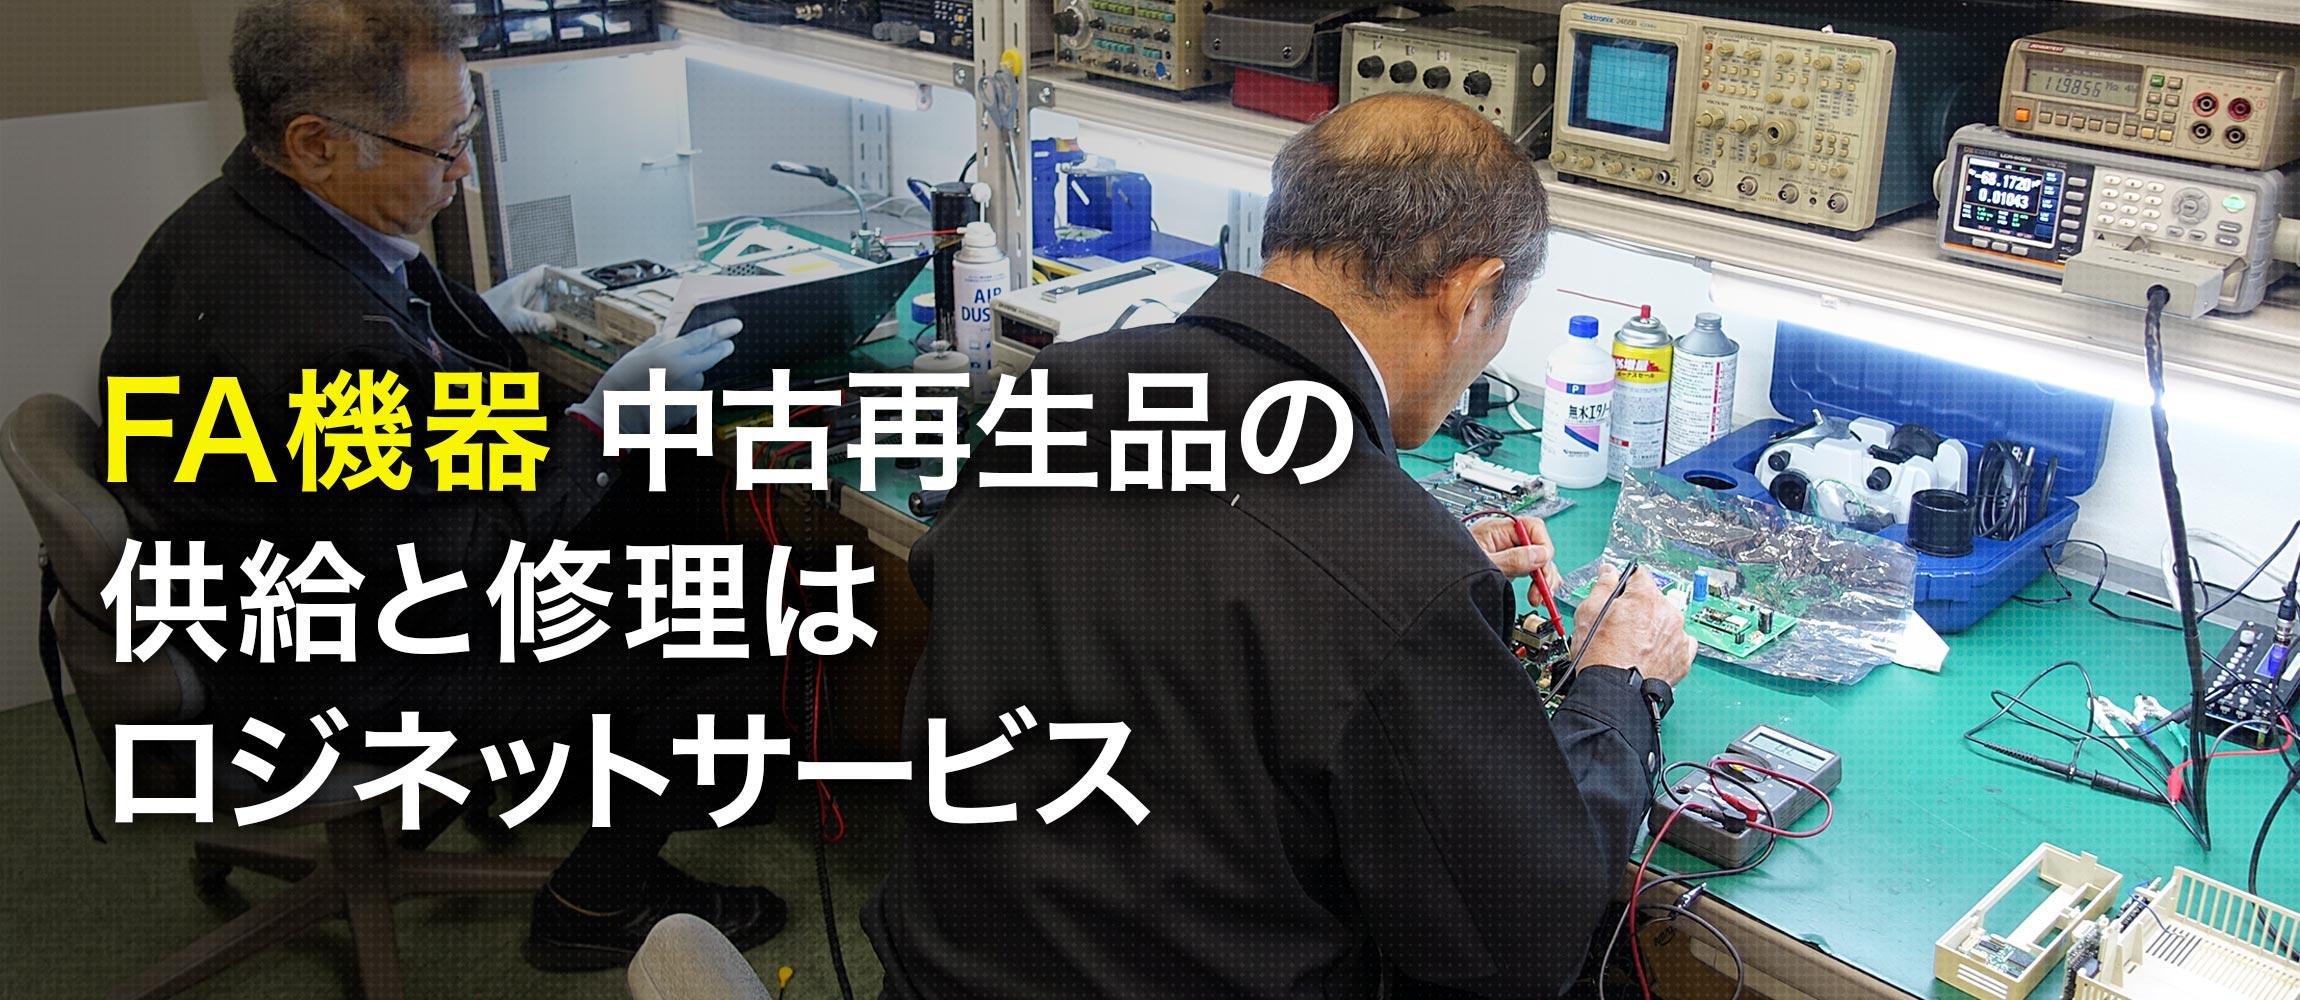 FA機器。中古再生品の供給と修理はロジネットサービス